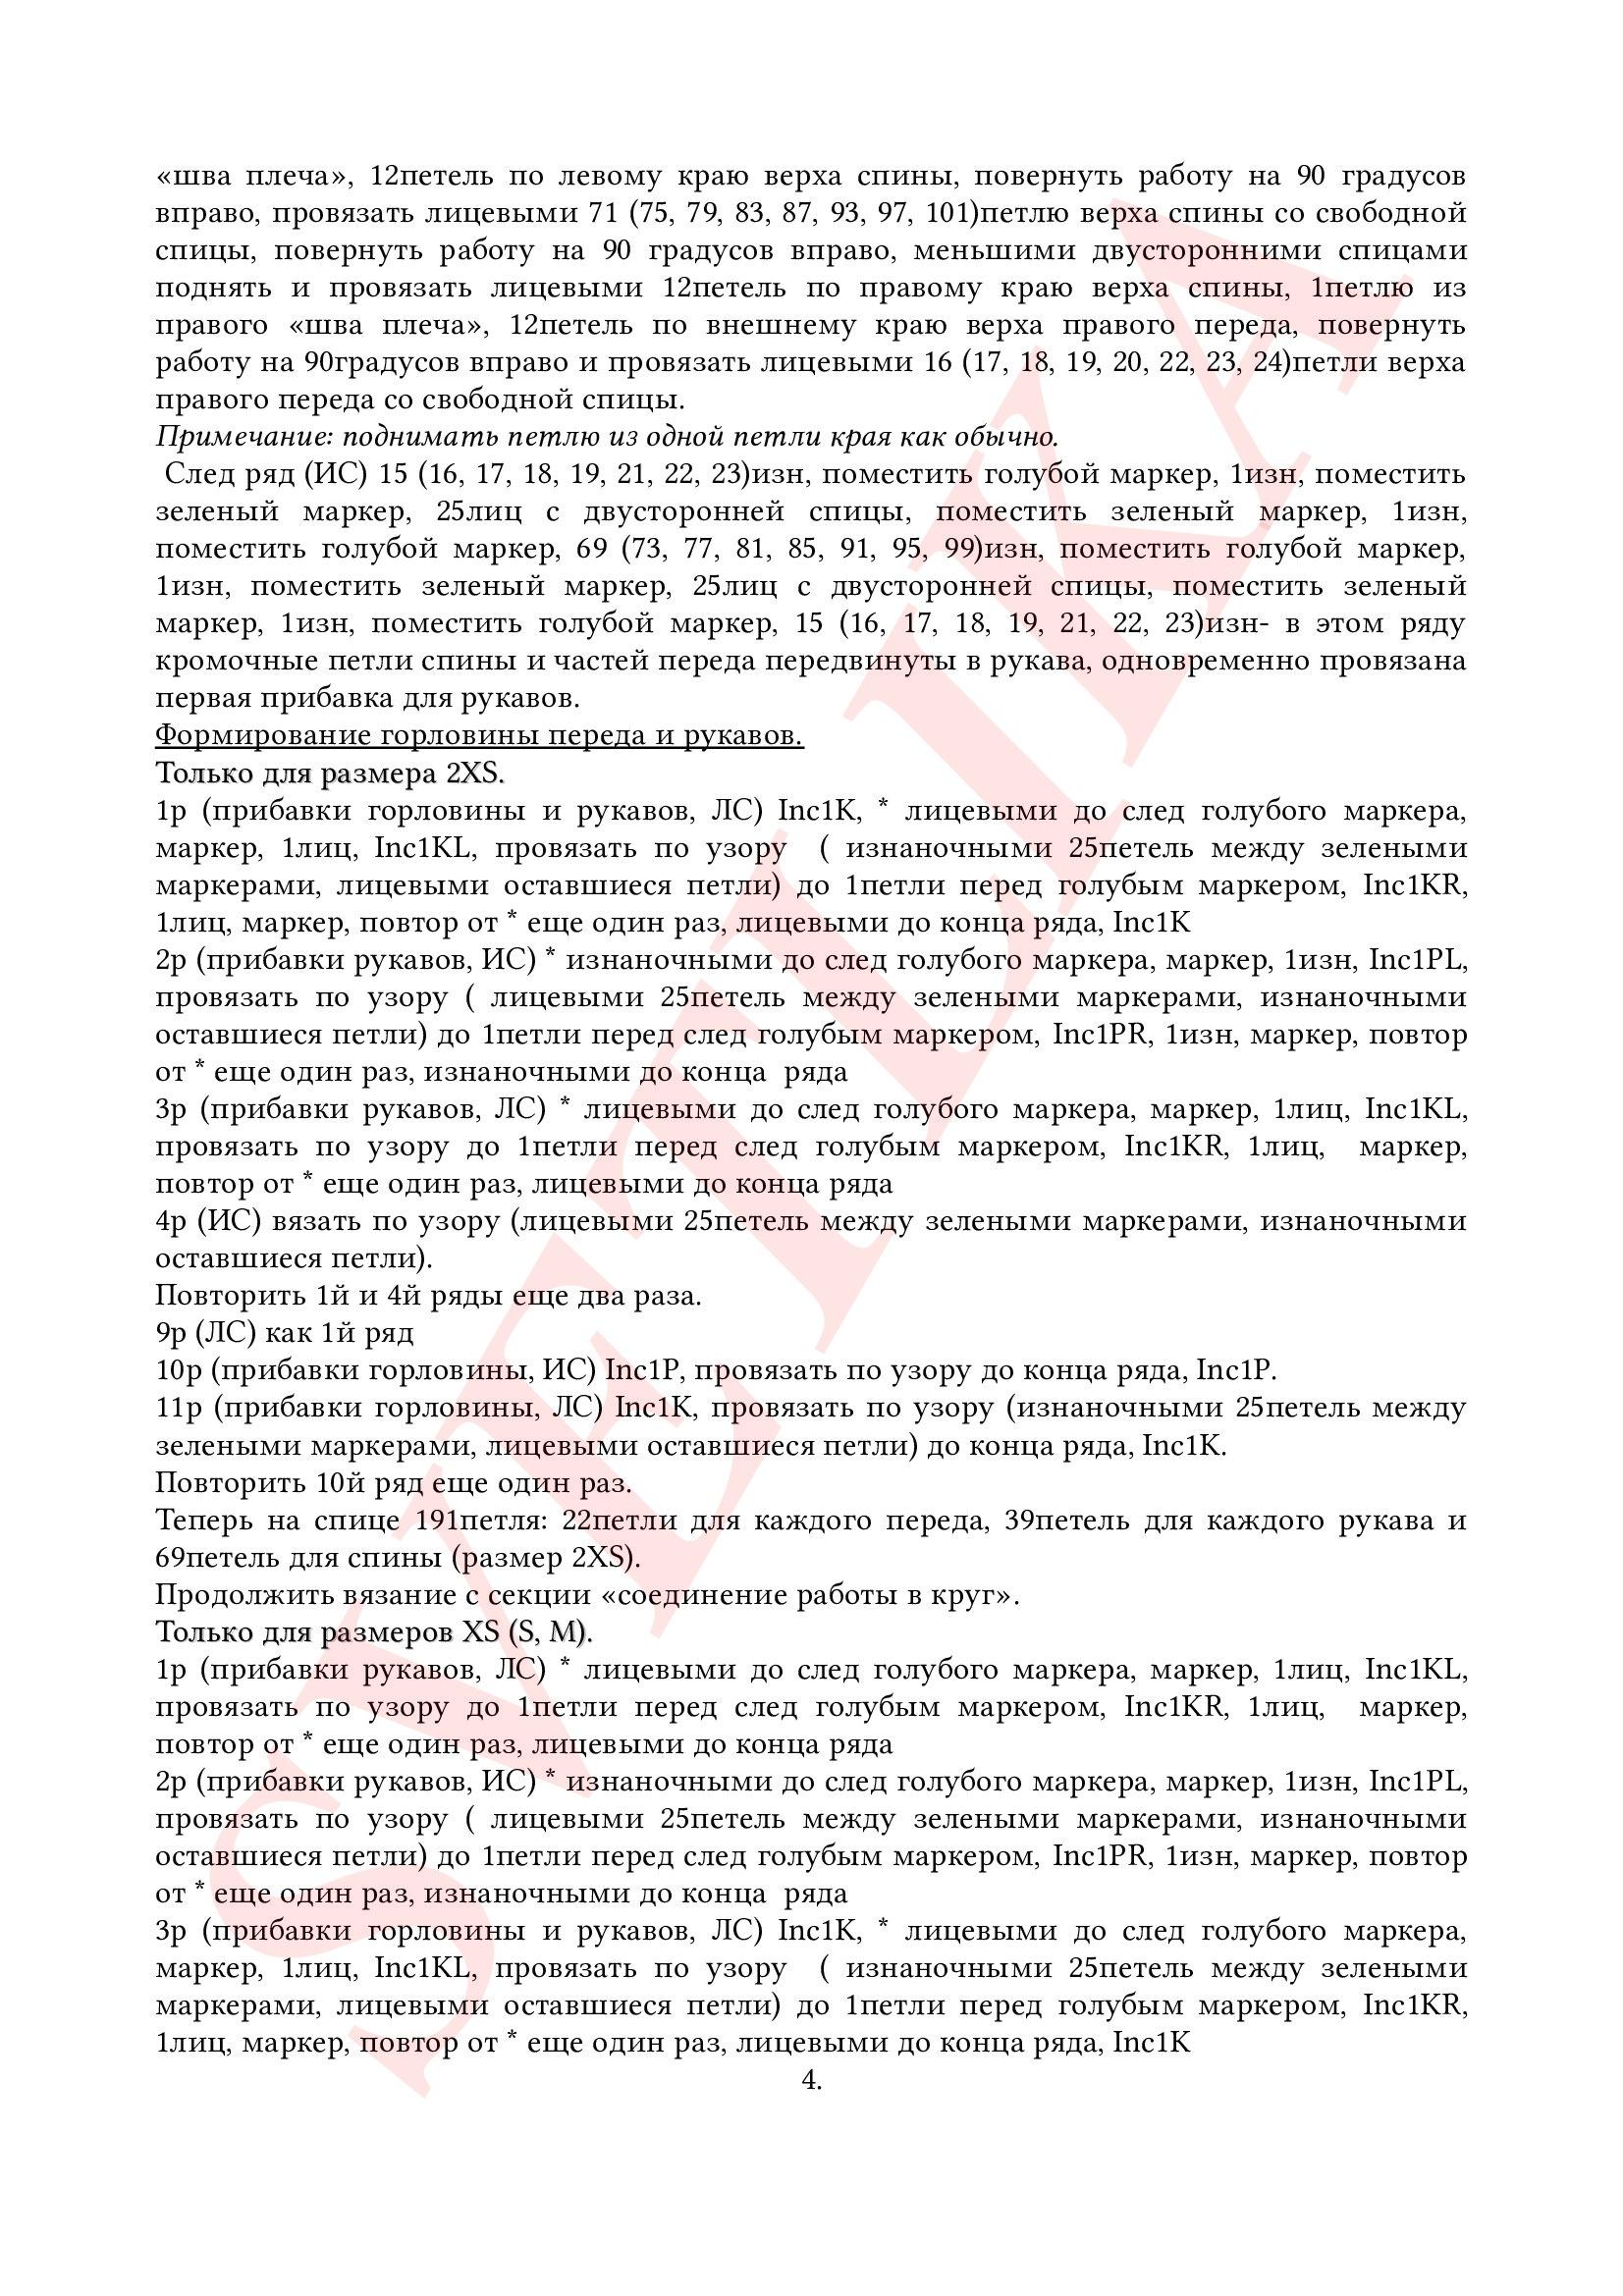 https://img-fotki.yandex.ru/get/173476/125862467.a6/0_1ba54a_7bd10c7f_orig